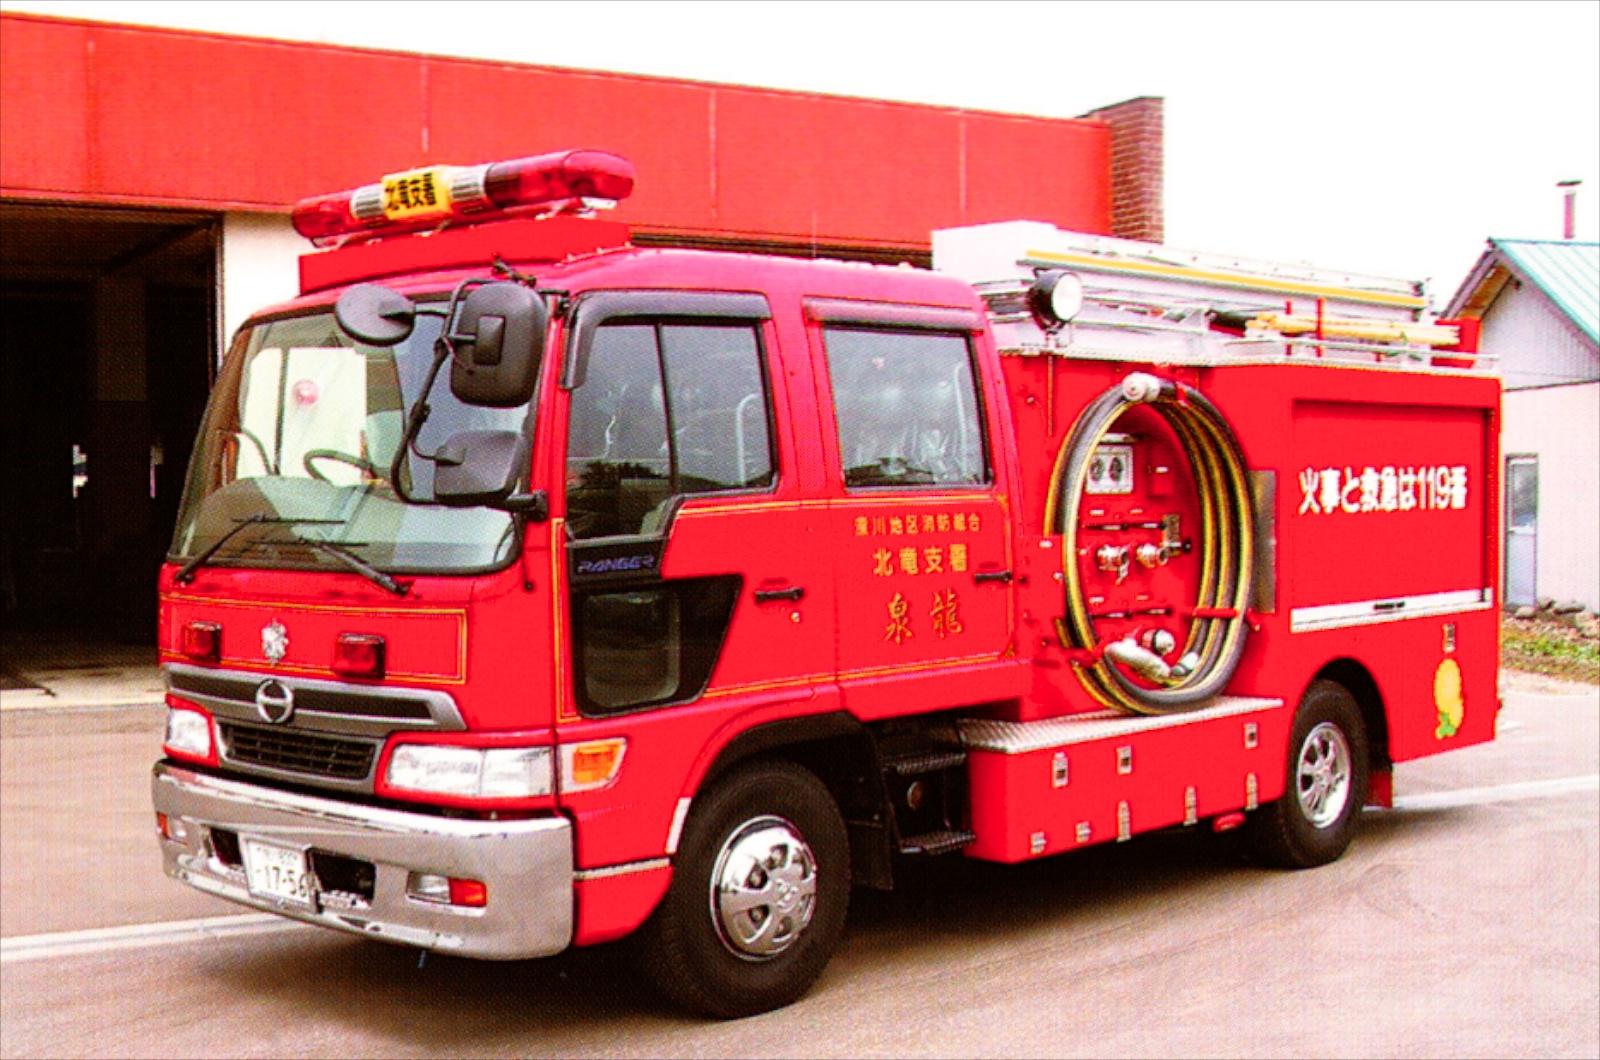 Photo: 消防ポンプ自動車「泉竜号」 小型動力ポンプ積載